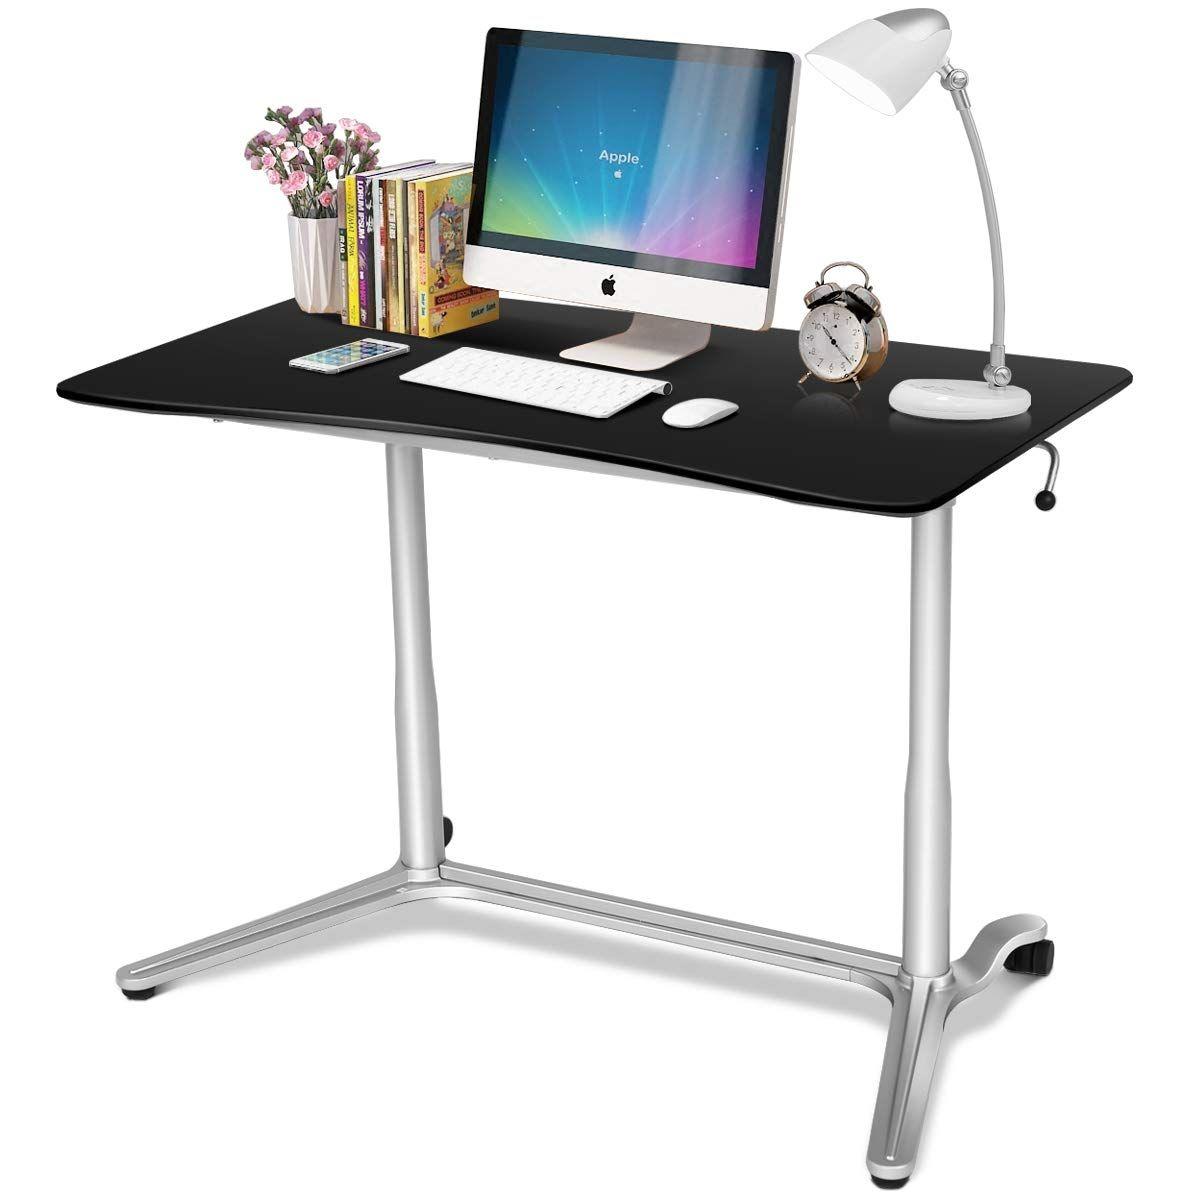 Tangkula Standing Desk Computer Desk Adjustable Computer Desk Height Adjustable Computer Desk Computer Stand For Desk